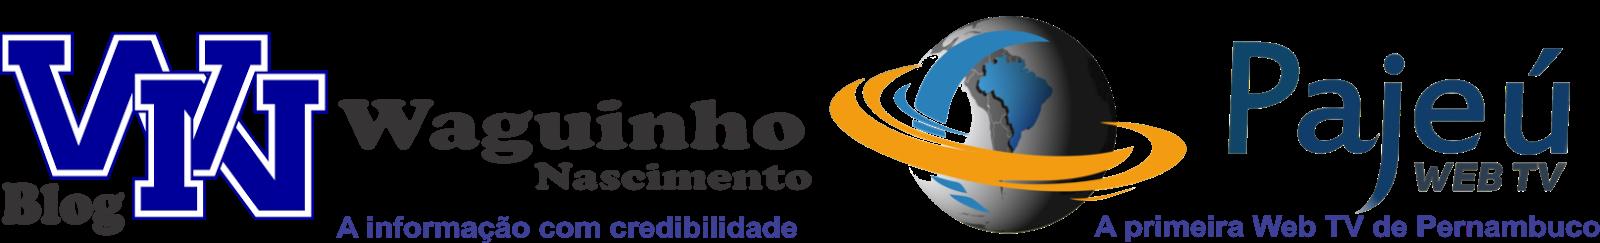 Blog do Waguinho Nascimento